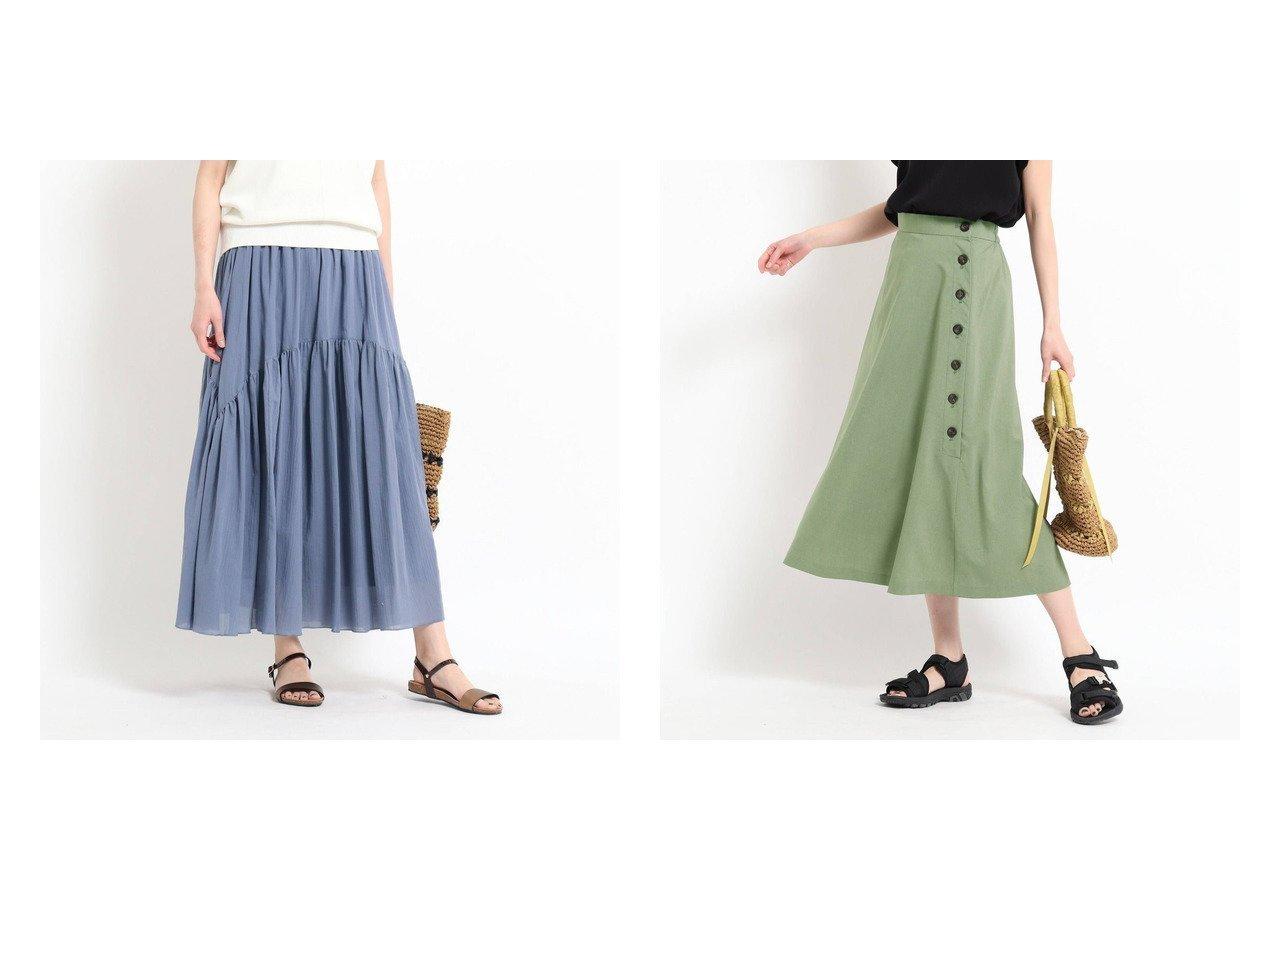 【Dessin/デッサン】の【XS~洗える】綿シフォンティアードスカート&【XS~L】サイド釦フレアスカート 【スカート】おすすめ!人気、トレンド・レディースファッションの通販 おすすめで人気の流行・トレンド、ファッションの通販商品 インテリア・家具・メンズファッション・キッズファッション・レディースファッション・服の通販 founy(ファニー) https://founy.com/ ファッション Fashion レディースファッション WOMEN スカート Skirt ティアードスカート Tiered Skirts Aライン/フレアスカート Flared A-Line Skirts 2021年 2021 2021春夏・S/S SS/Spring/Summer/2021 S/S・春夏 SS・Spring/Summer イレギュラー コンパクト ティアードスカート バランス ポケット 切替 夏 Summer 春 Spring 洗える おすすめ Recommend とろみ インナー フレア |ID:crp329100000047532